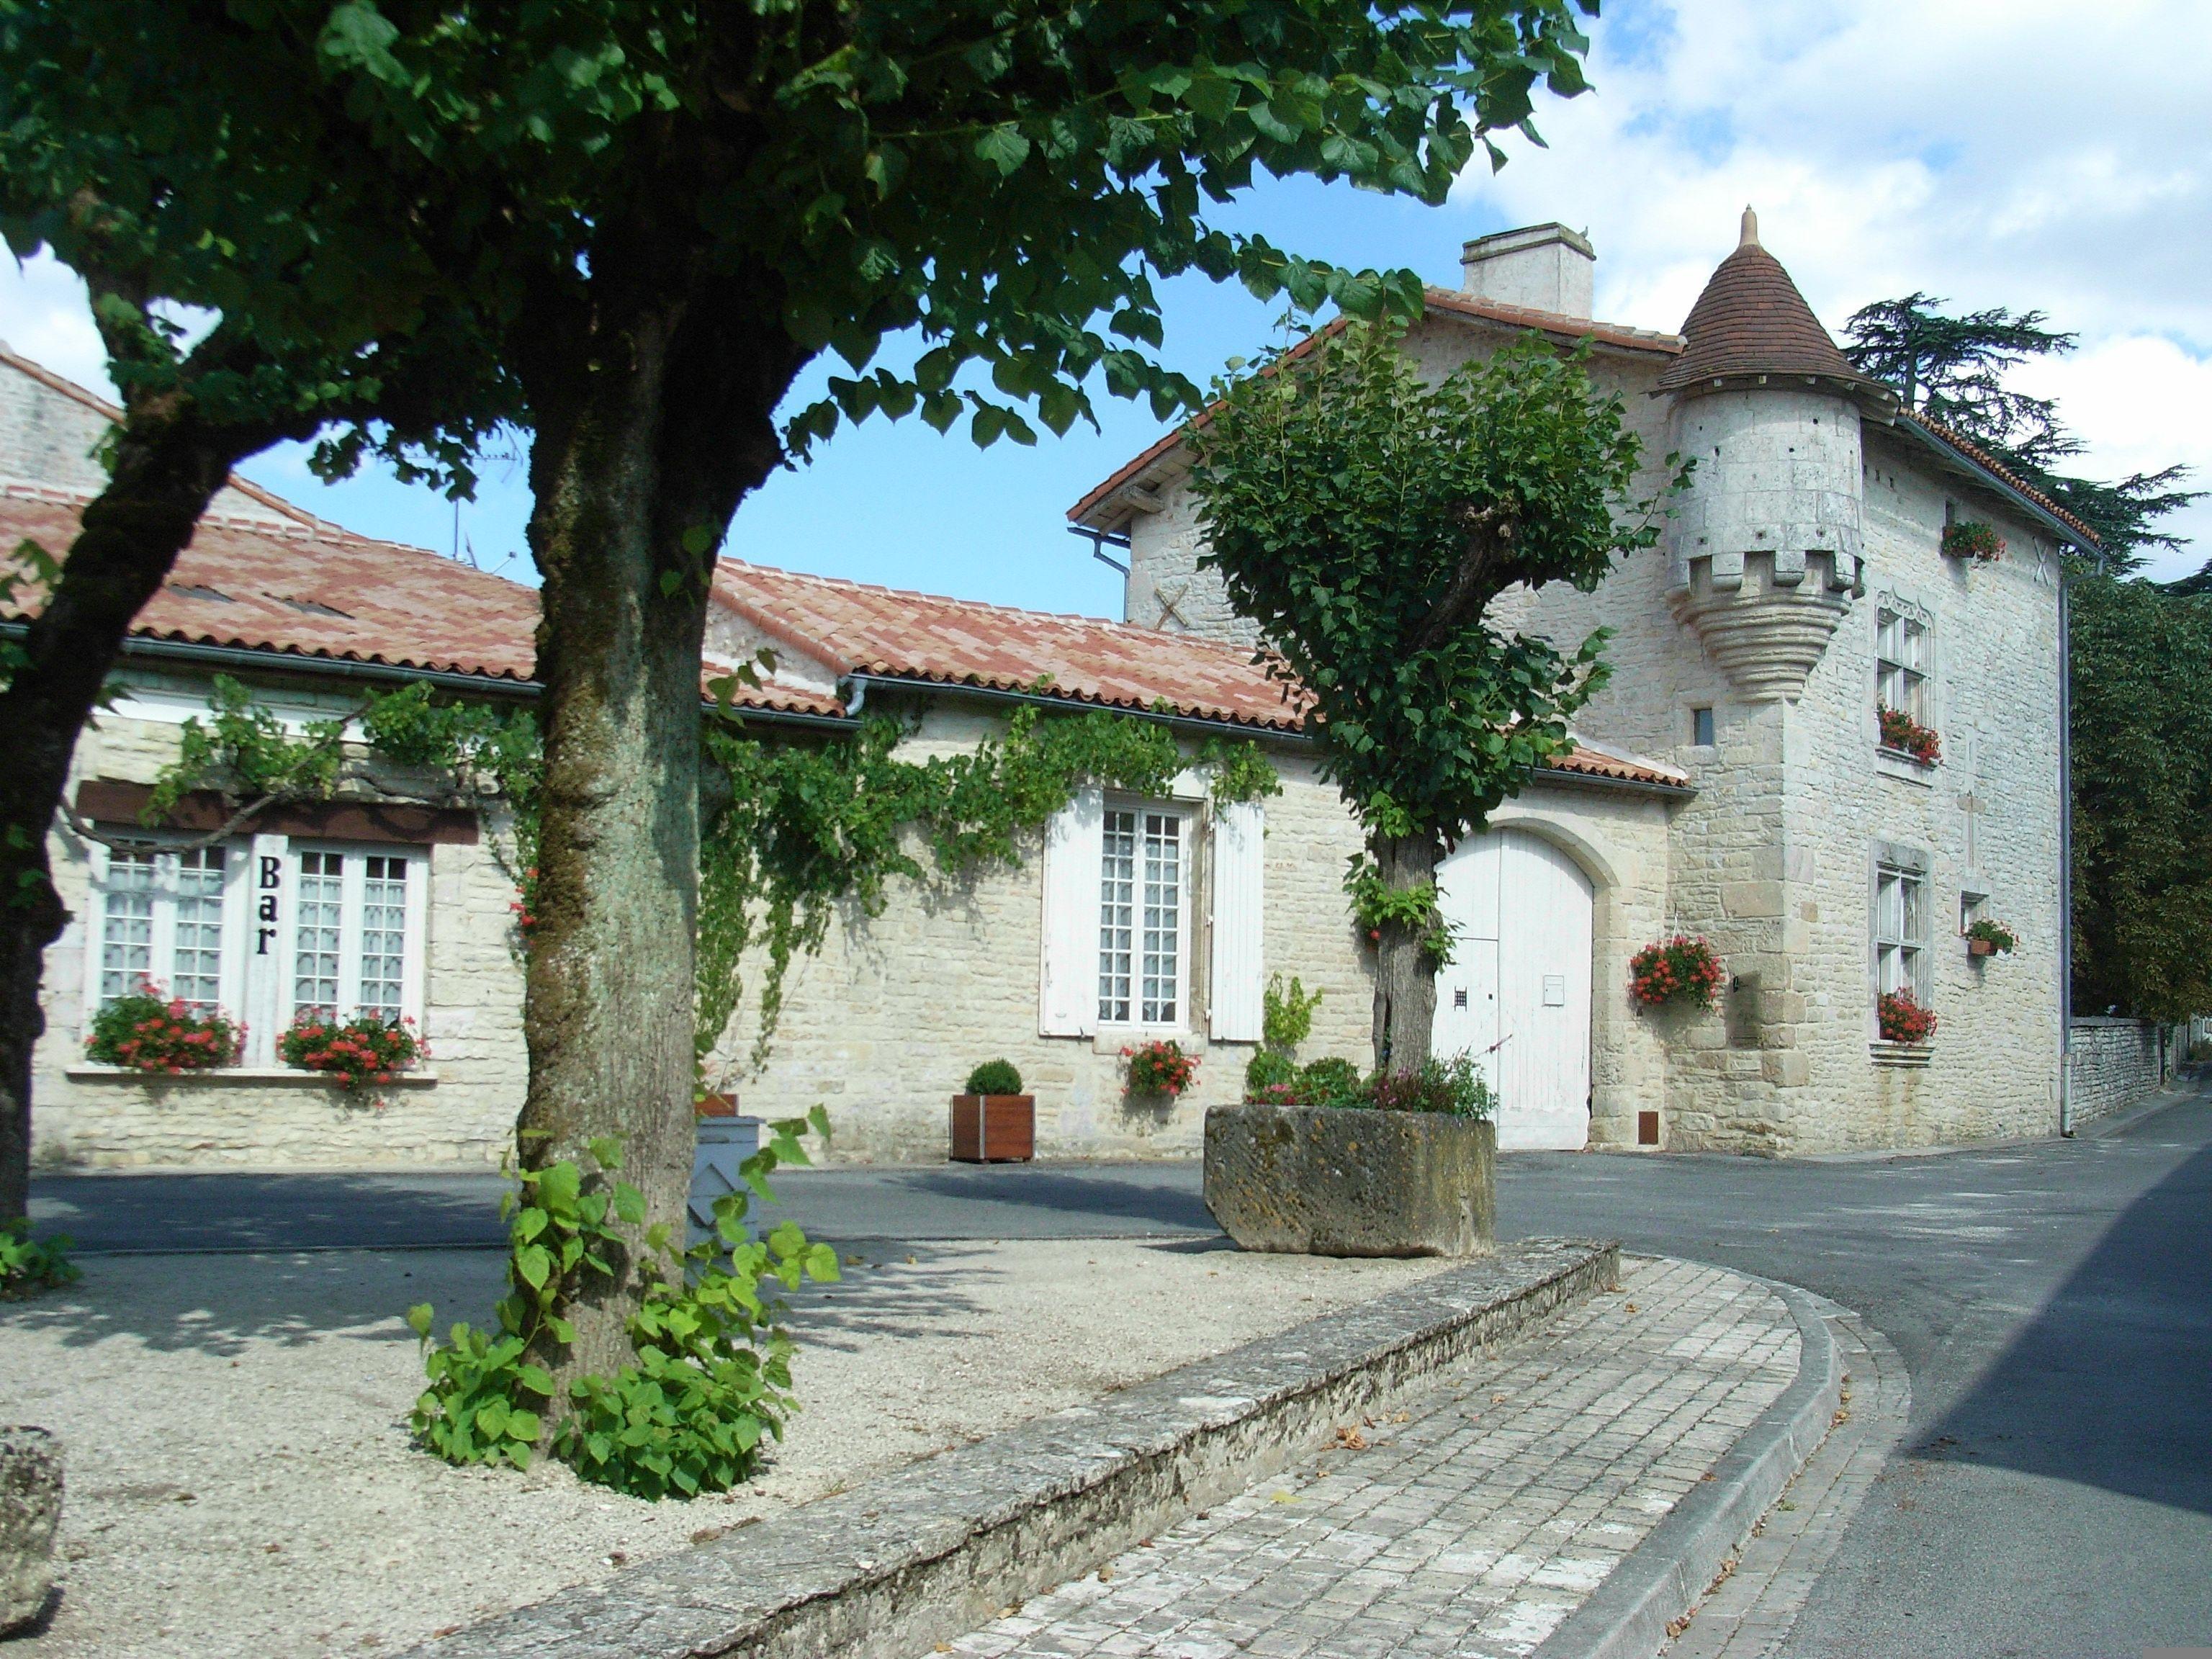 Village De Tusson Gite De France Gite Maison Style